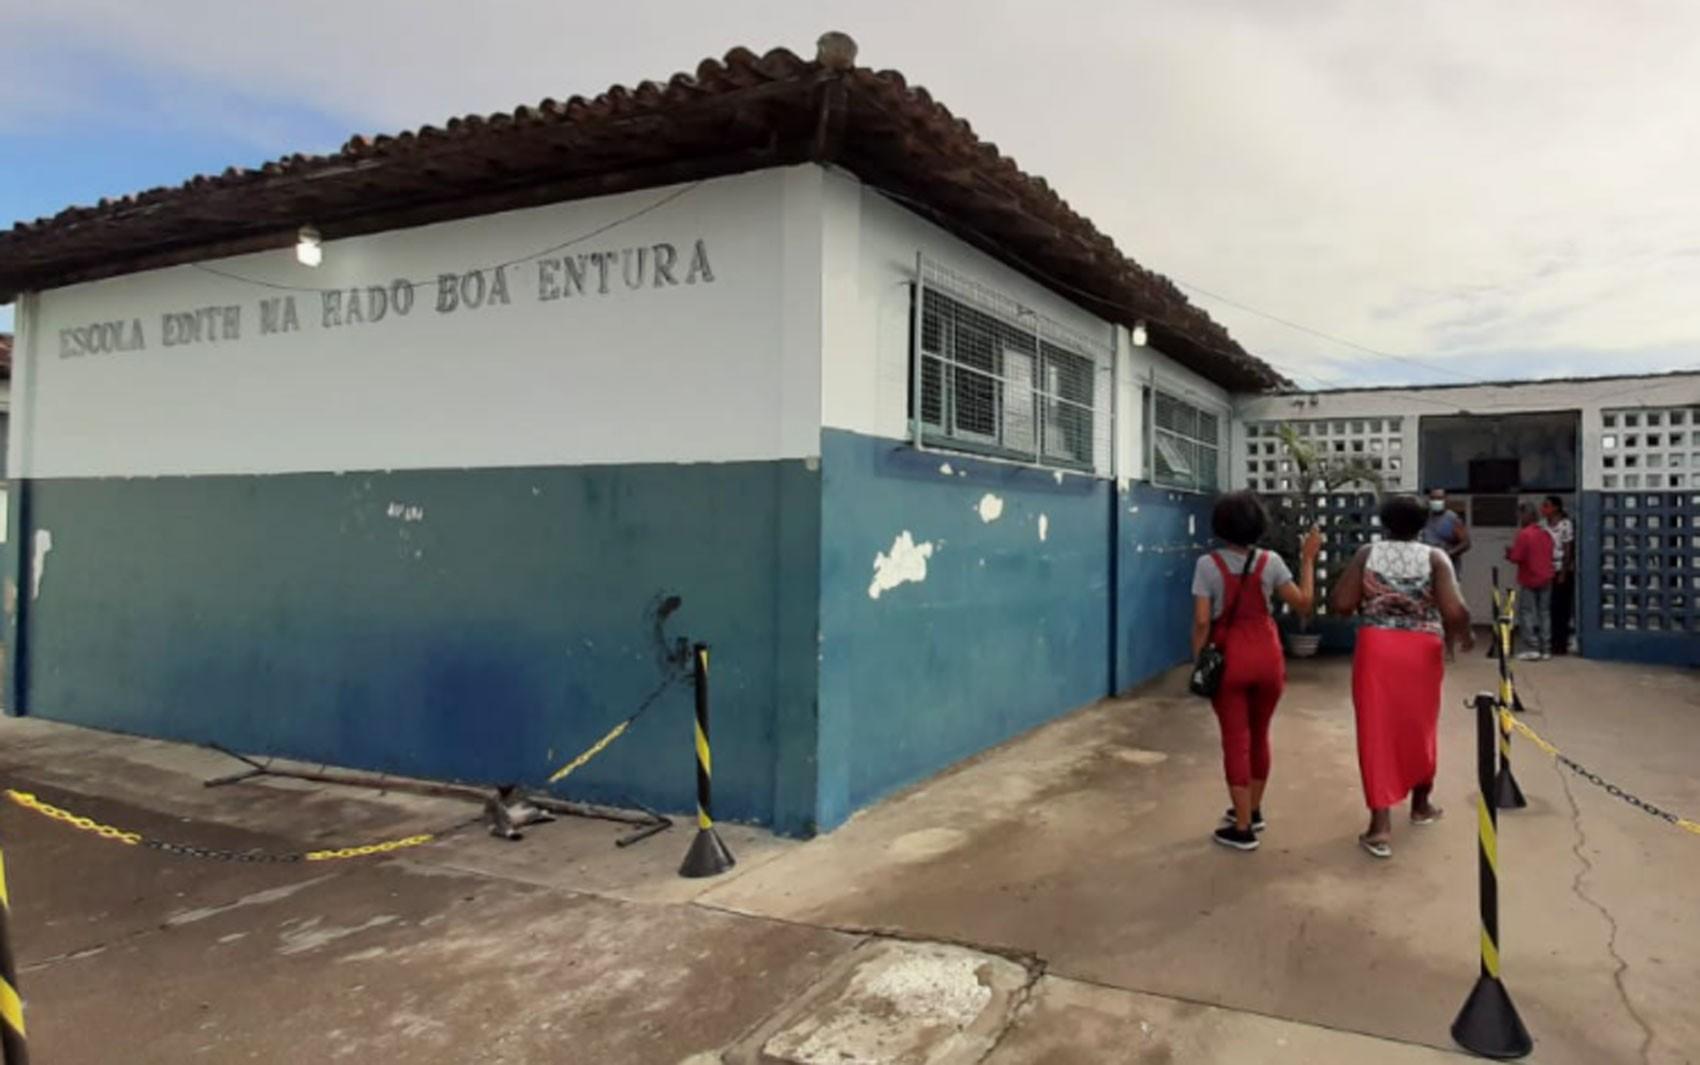 FOTOS: Confira imagens do 2º turno das eleições 2020 em Feira de Santana e Vitória da Conquista